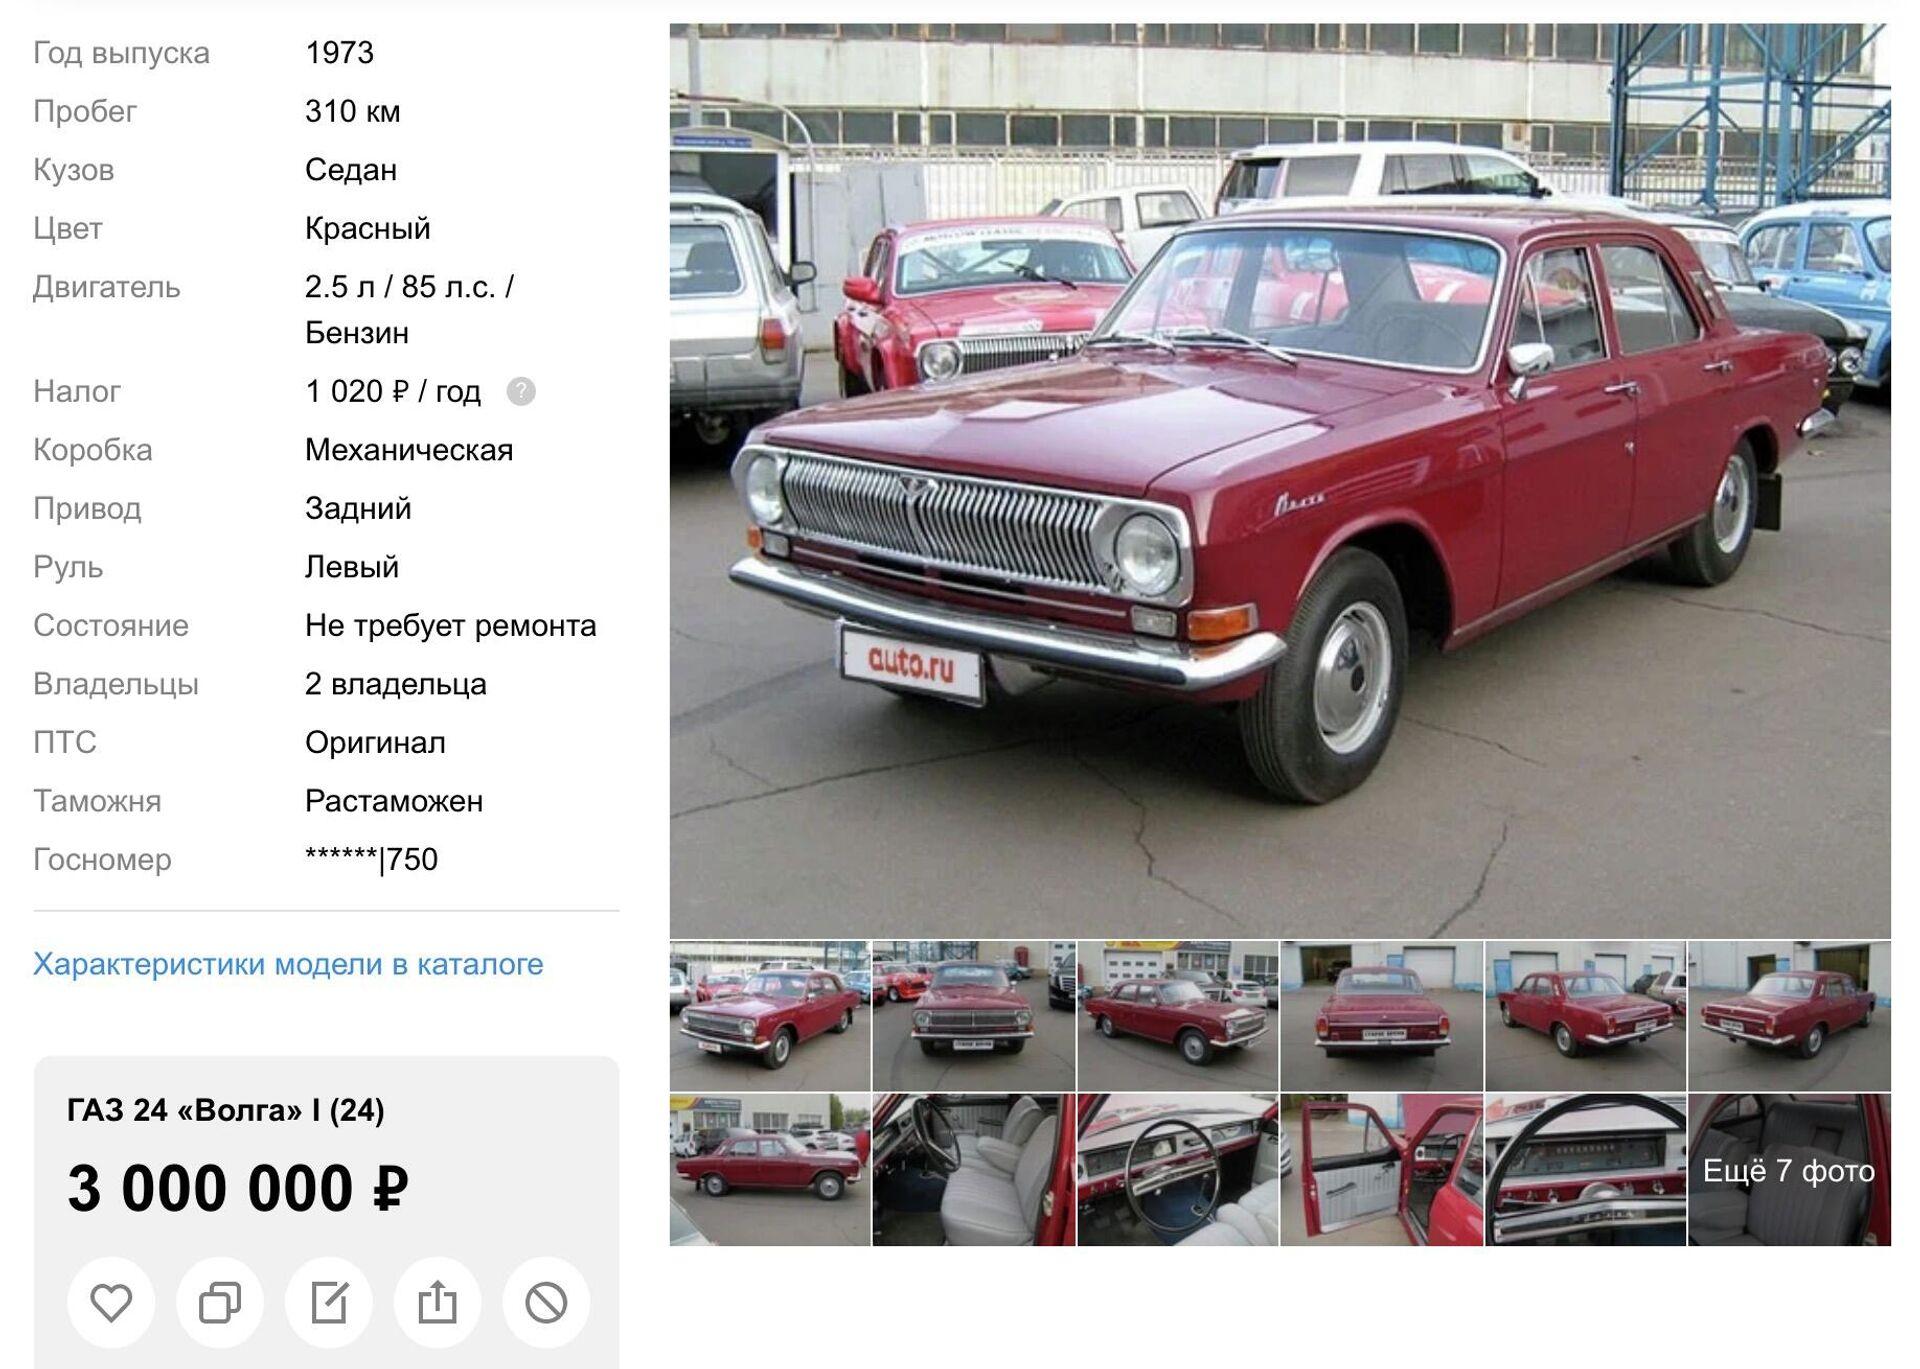 Объявление о продаже востановленного автомобиля Волга 1973 года - РИА Новости, 1920, 18.01.2021